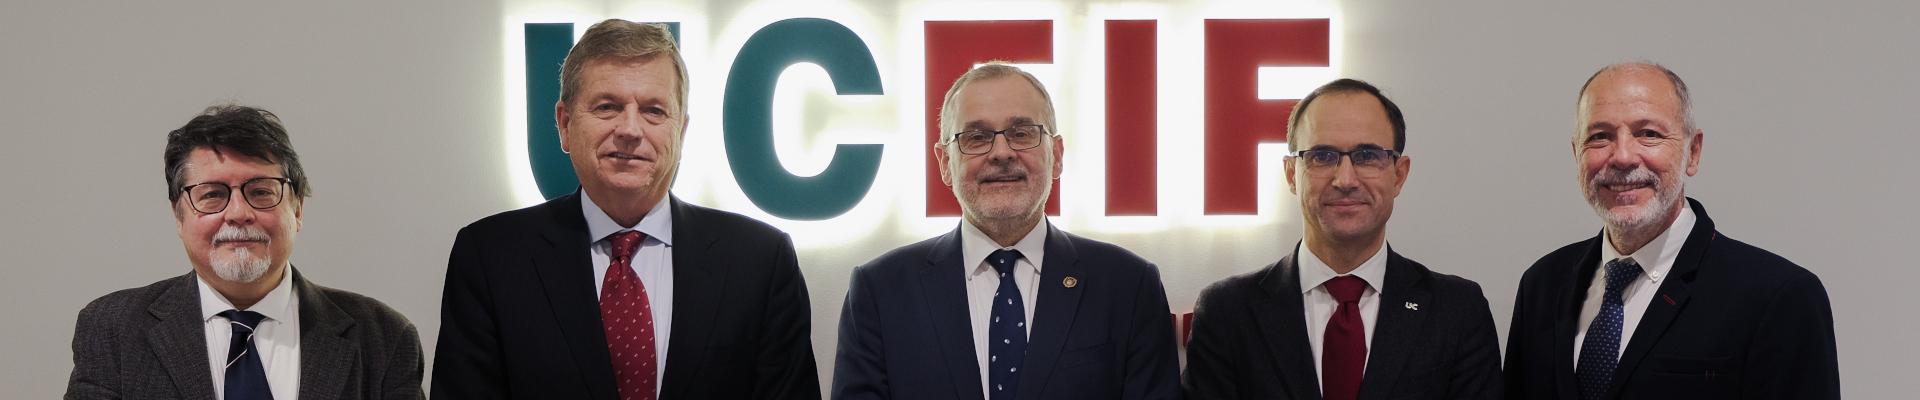 La Fundación UCEIF inaugura su nueva sede operativa en el Campus de la UC